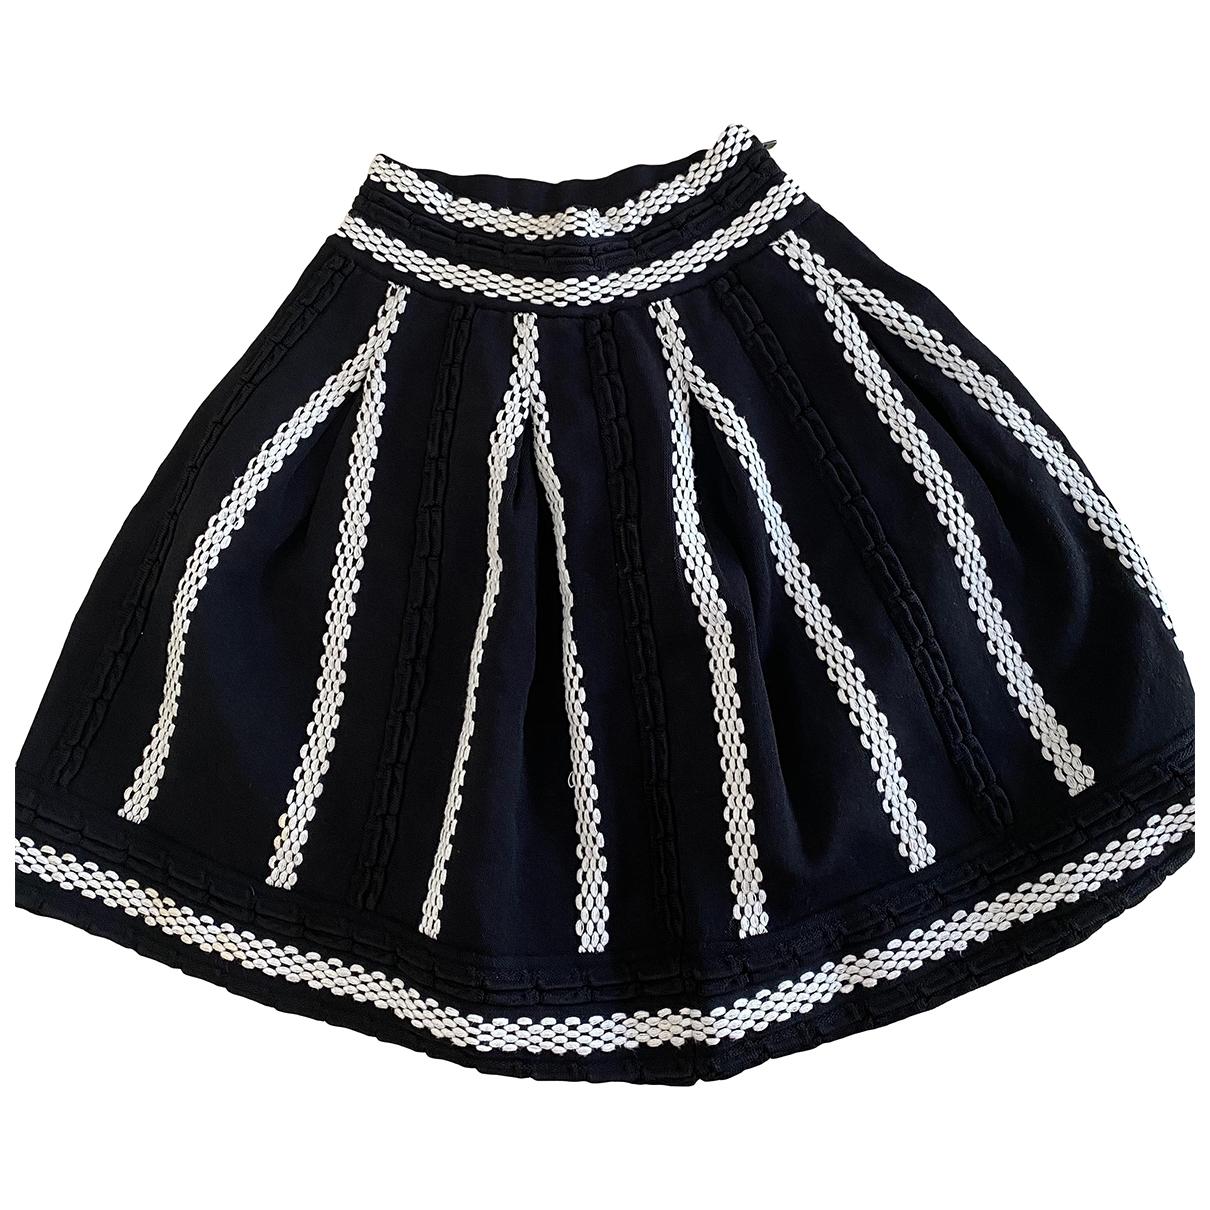 Maje - Jupe   pour femme en laine - noir